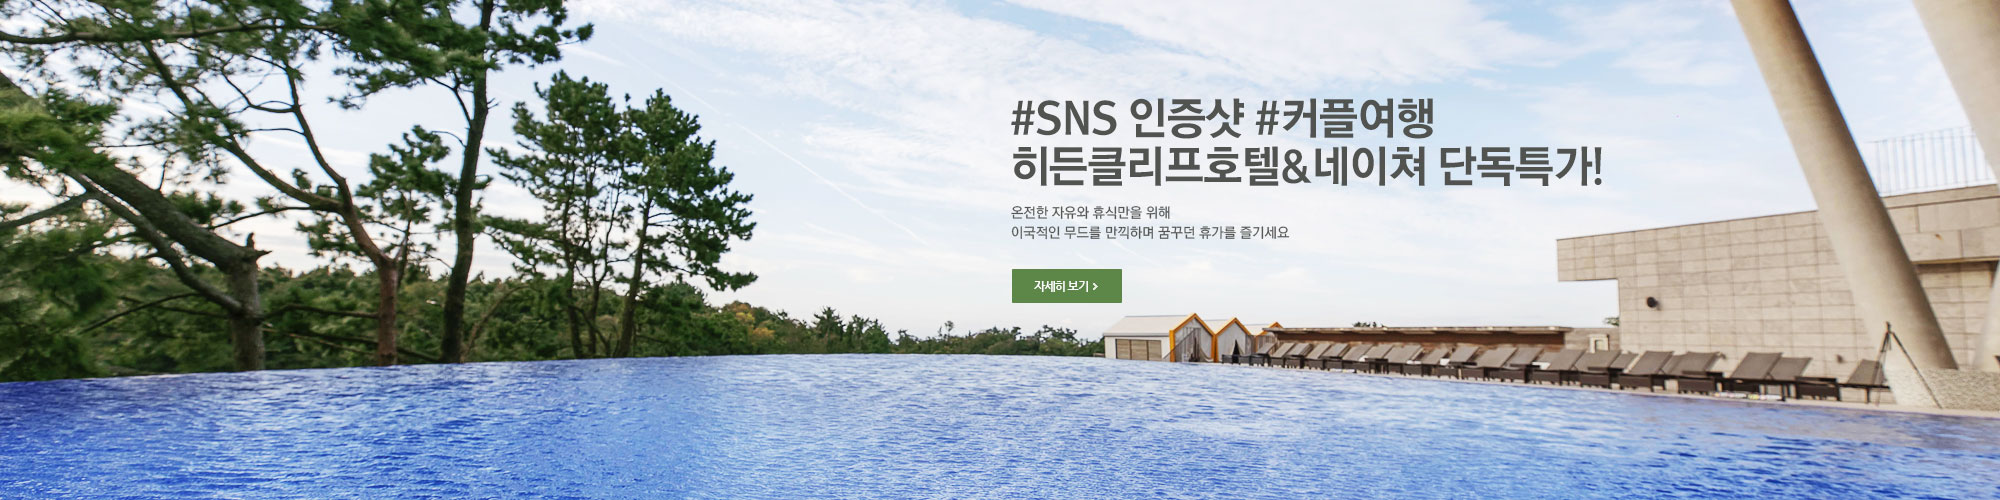 히든클리프호텔&네이쳐 단독특가!